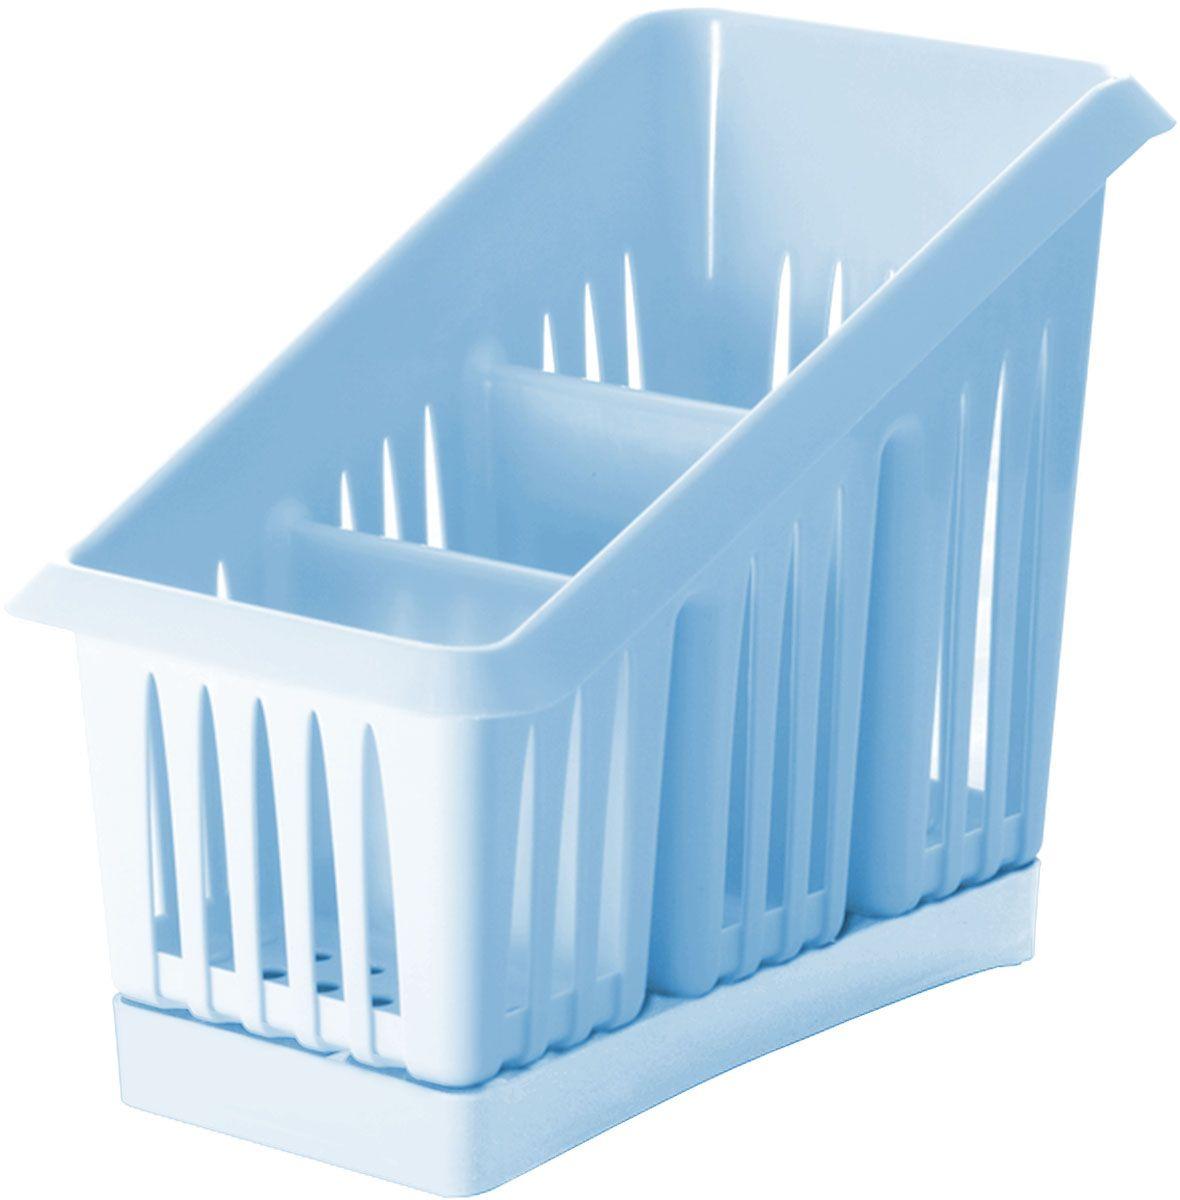 Сушилка для столовых приборов Plastic Centre Лилия, 3-секционная, цвет: голубой, 20 х 12 х 16 смПЦ1564ГЛПСушилка для столовых приборов Plastic Centre пригодится на любой кухне. Изделие выполнено из полипропилена.Три секции позволят сушить или хранить столовые приборы по отдельности (ножи, вилки, ложки). Сушилка снабжена поддоном для стока воды с приборов.